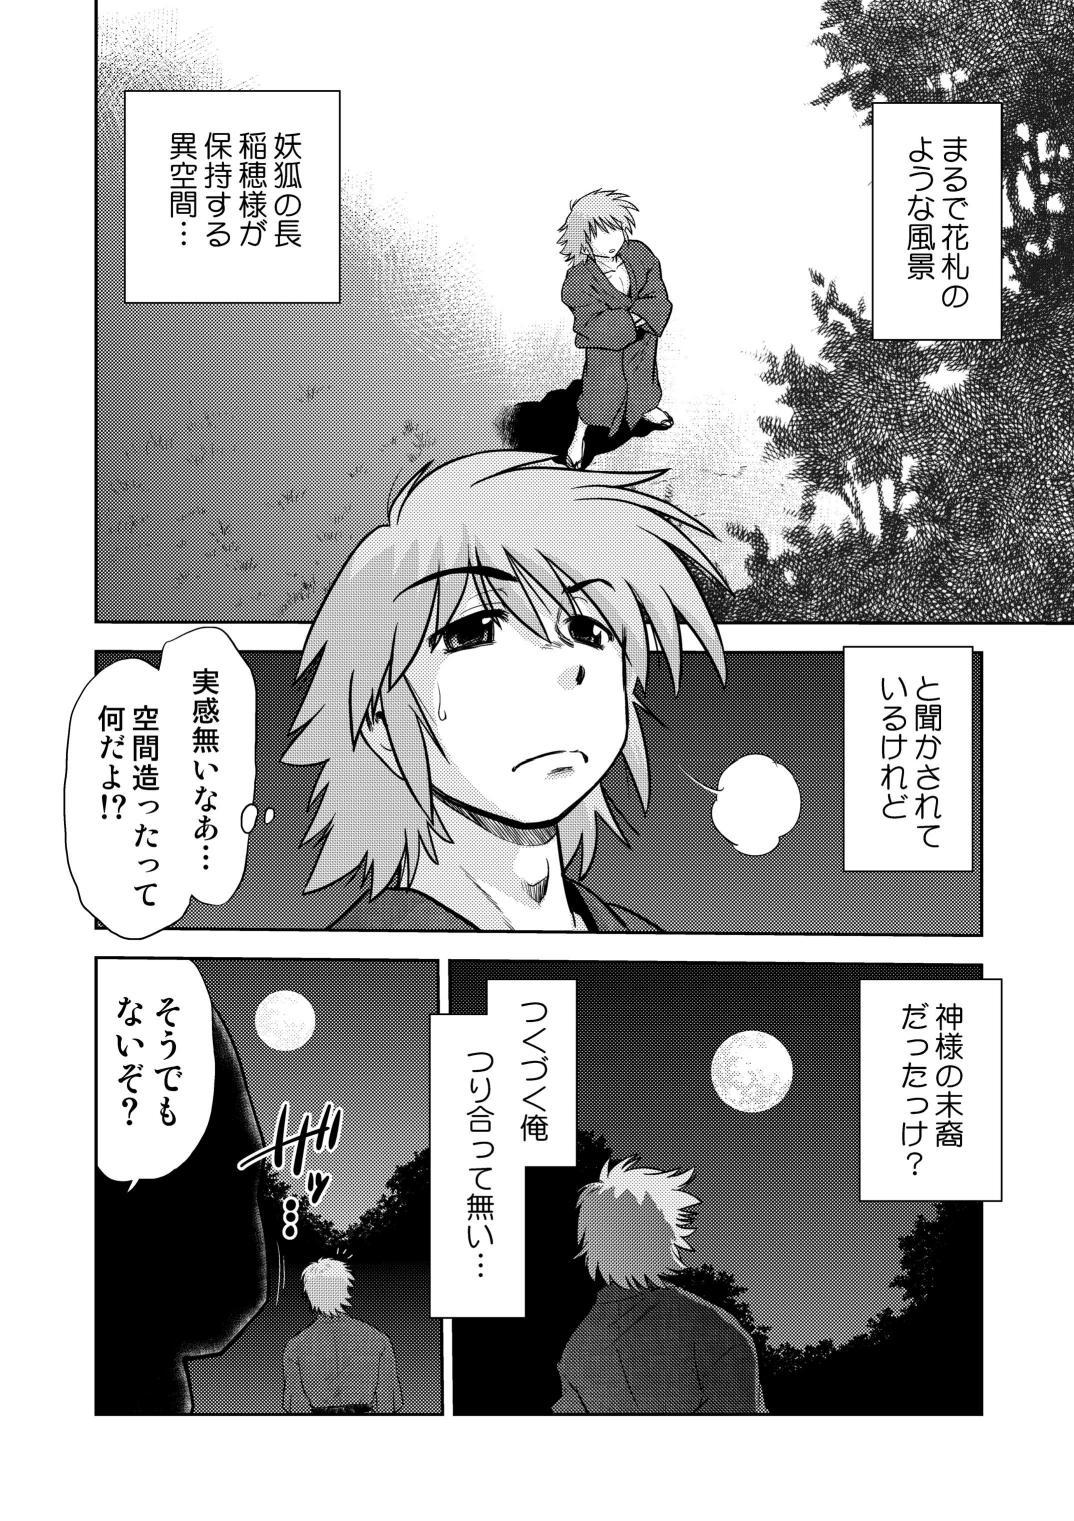 Gokinjo no Monster 3 2